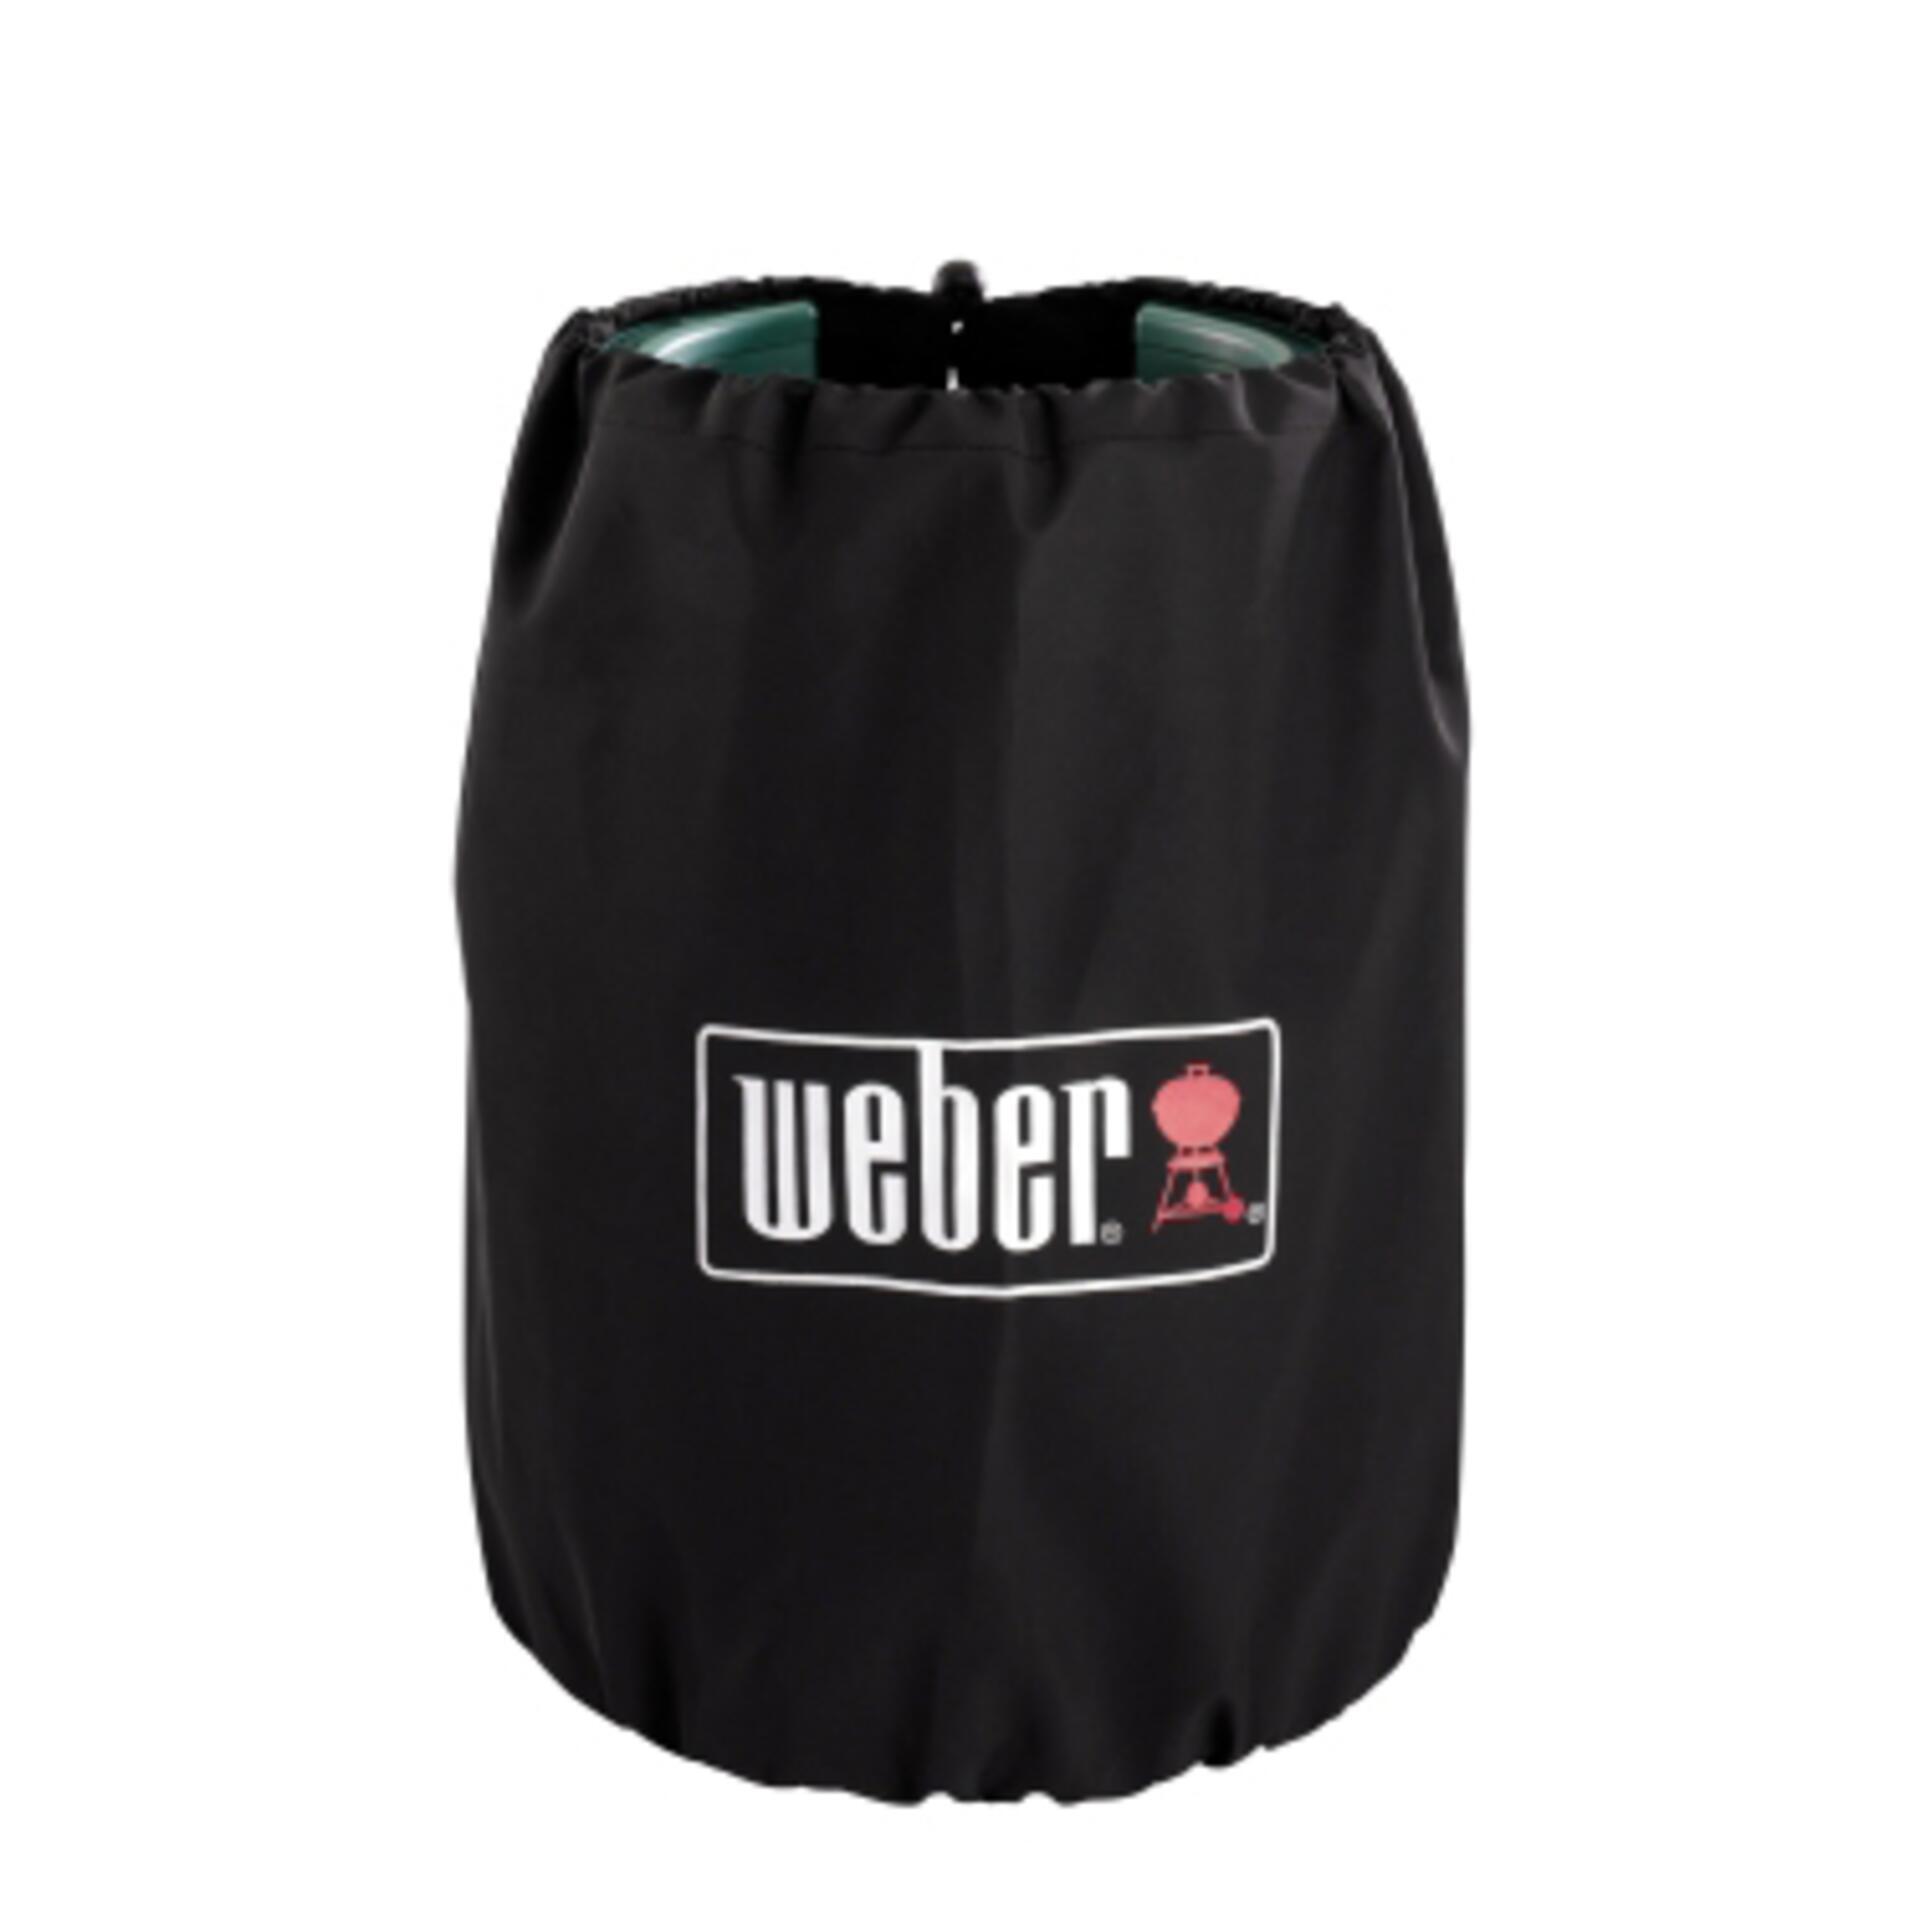 Weber Gasflaschenschutzhülle klein 3973